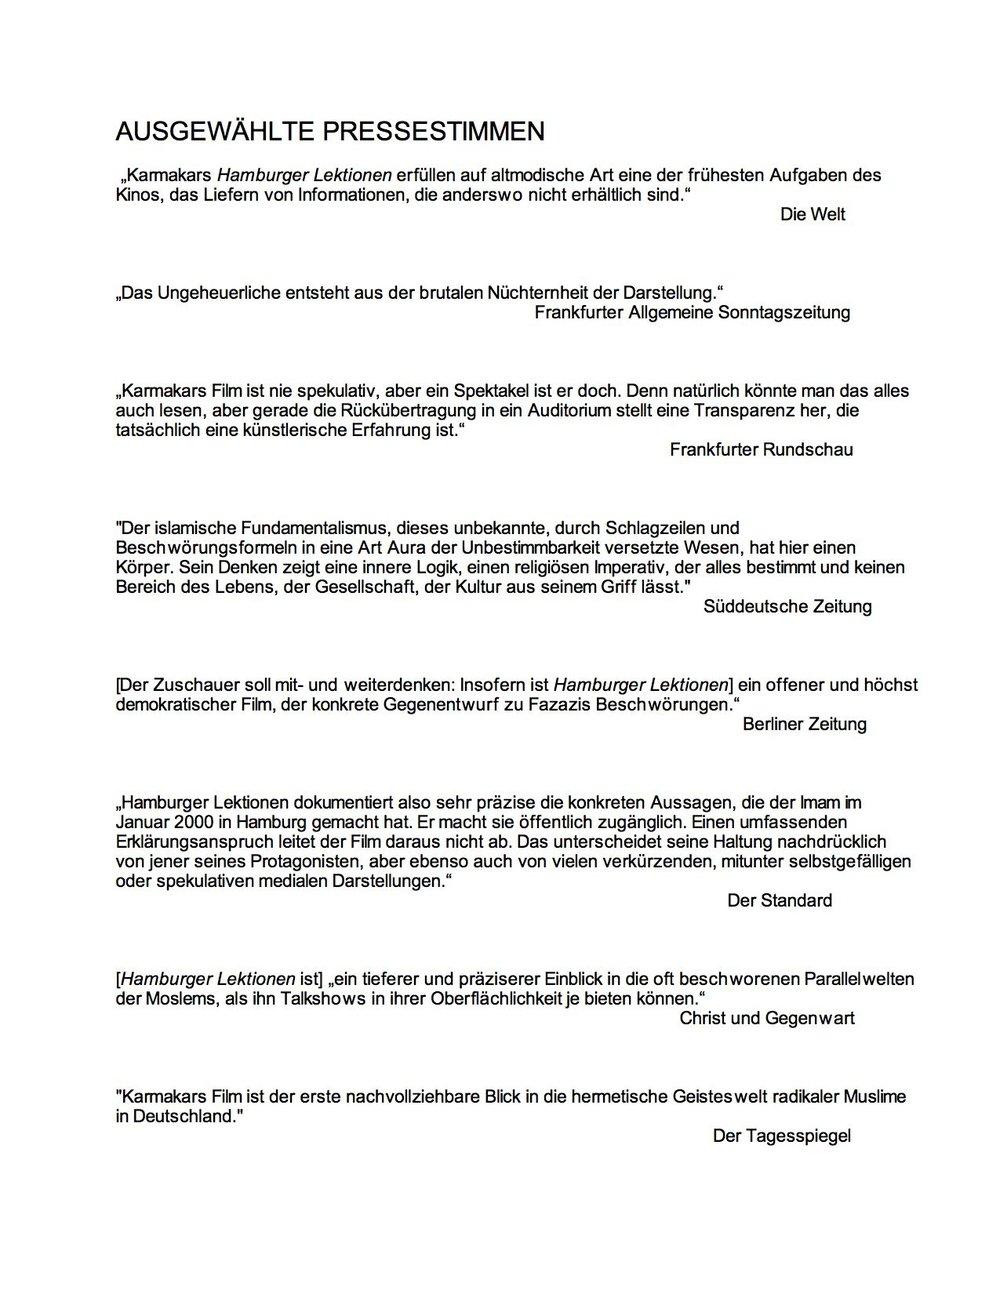 HAMBURGER LEKTIONEN / Ausgewählte Pressestimmen